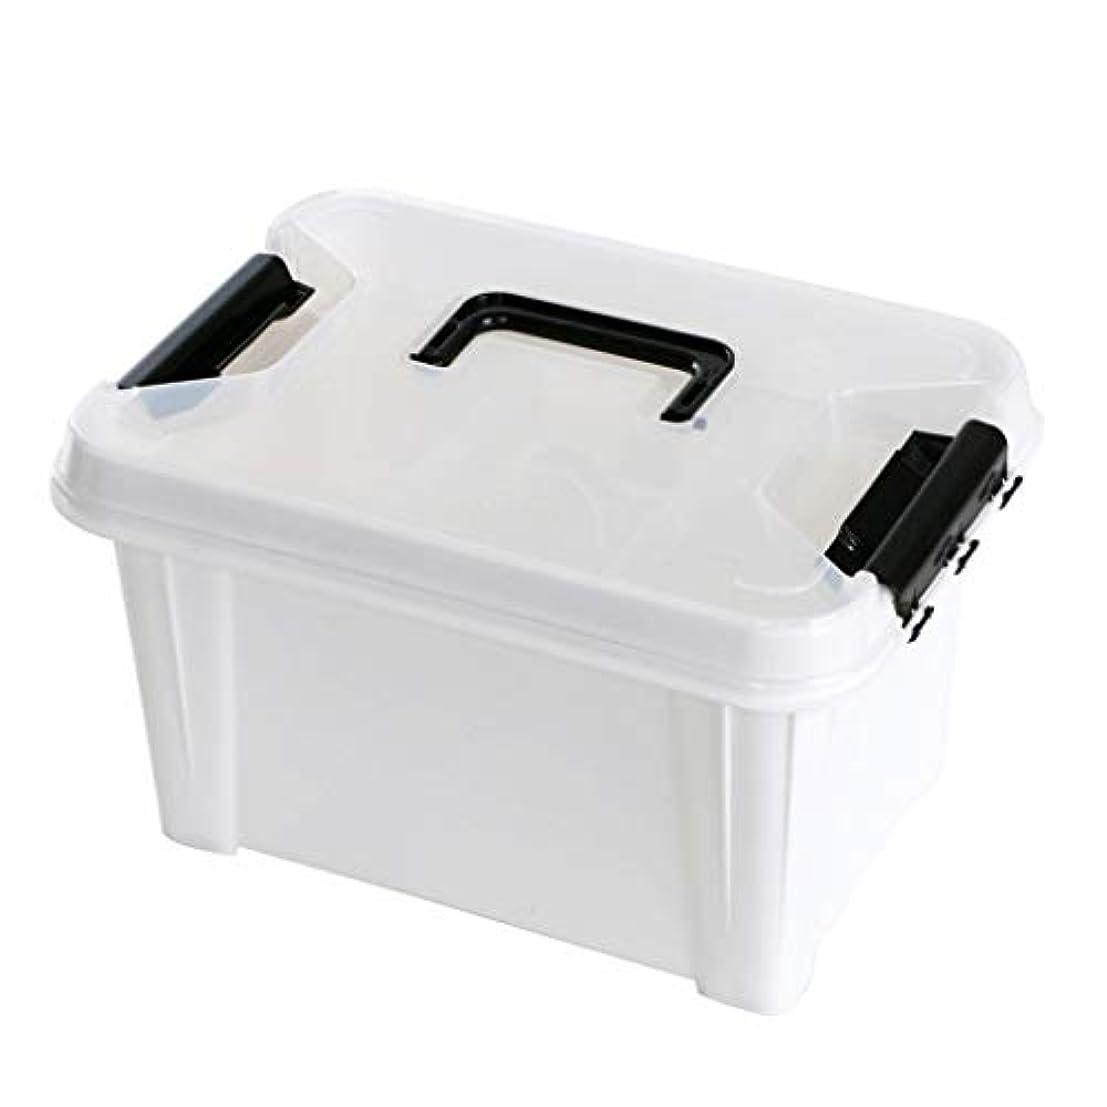 歴史的メニュークランプピルボックスPP 33 * 24 * 19cm家庭用薬ボックス薬収納ボックス (色 : 白)